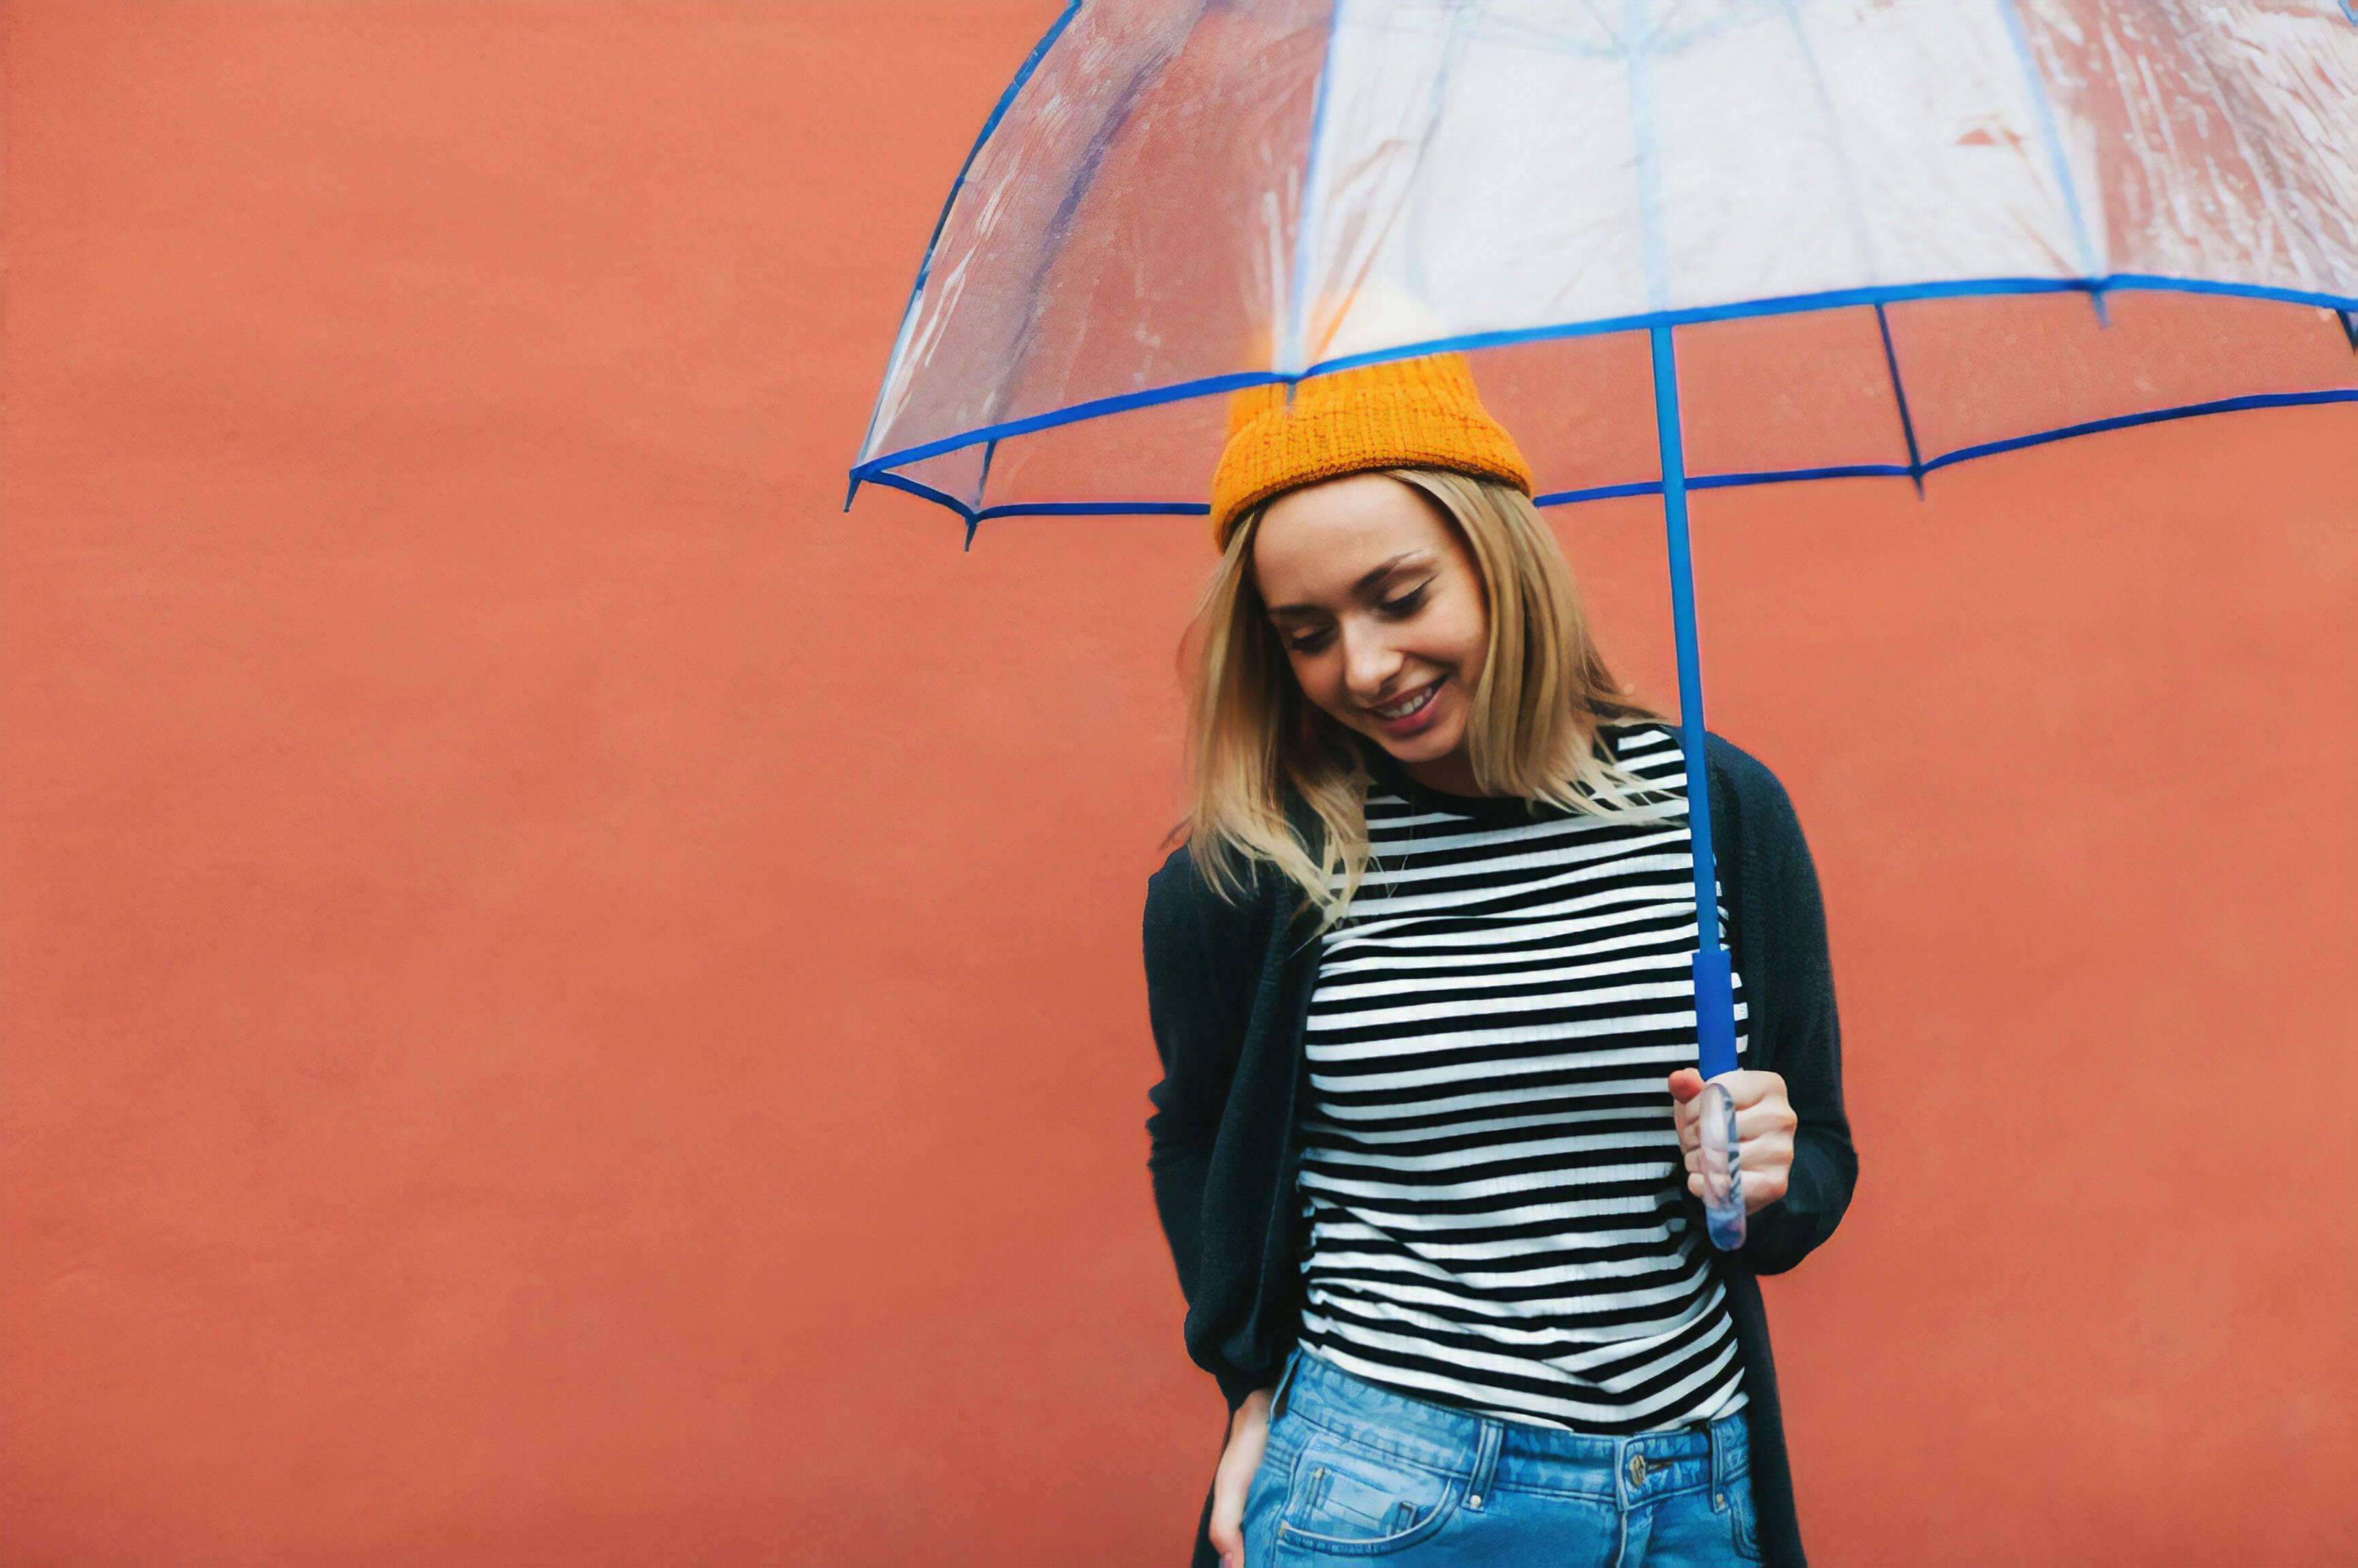 Une femme souriante tenant un parapluie